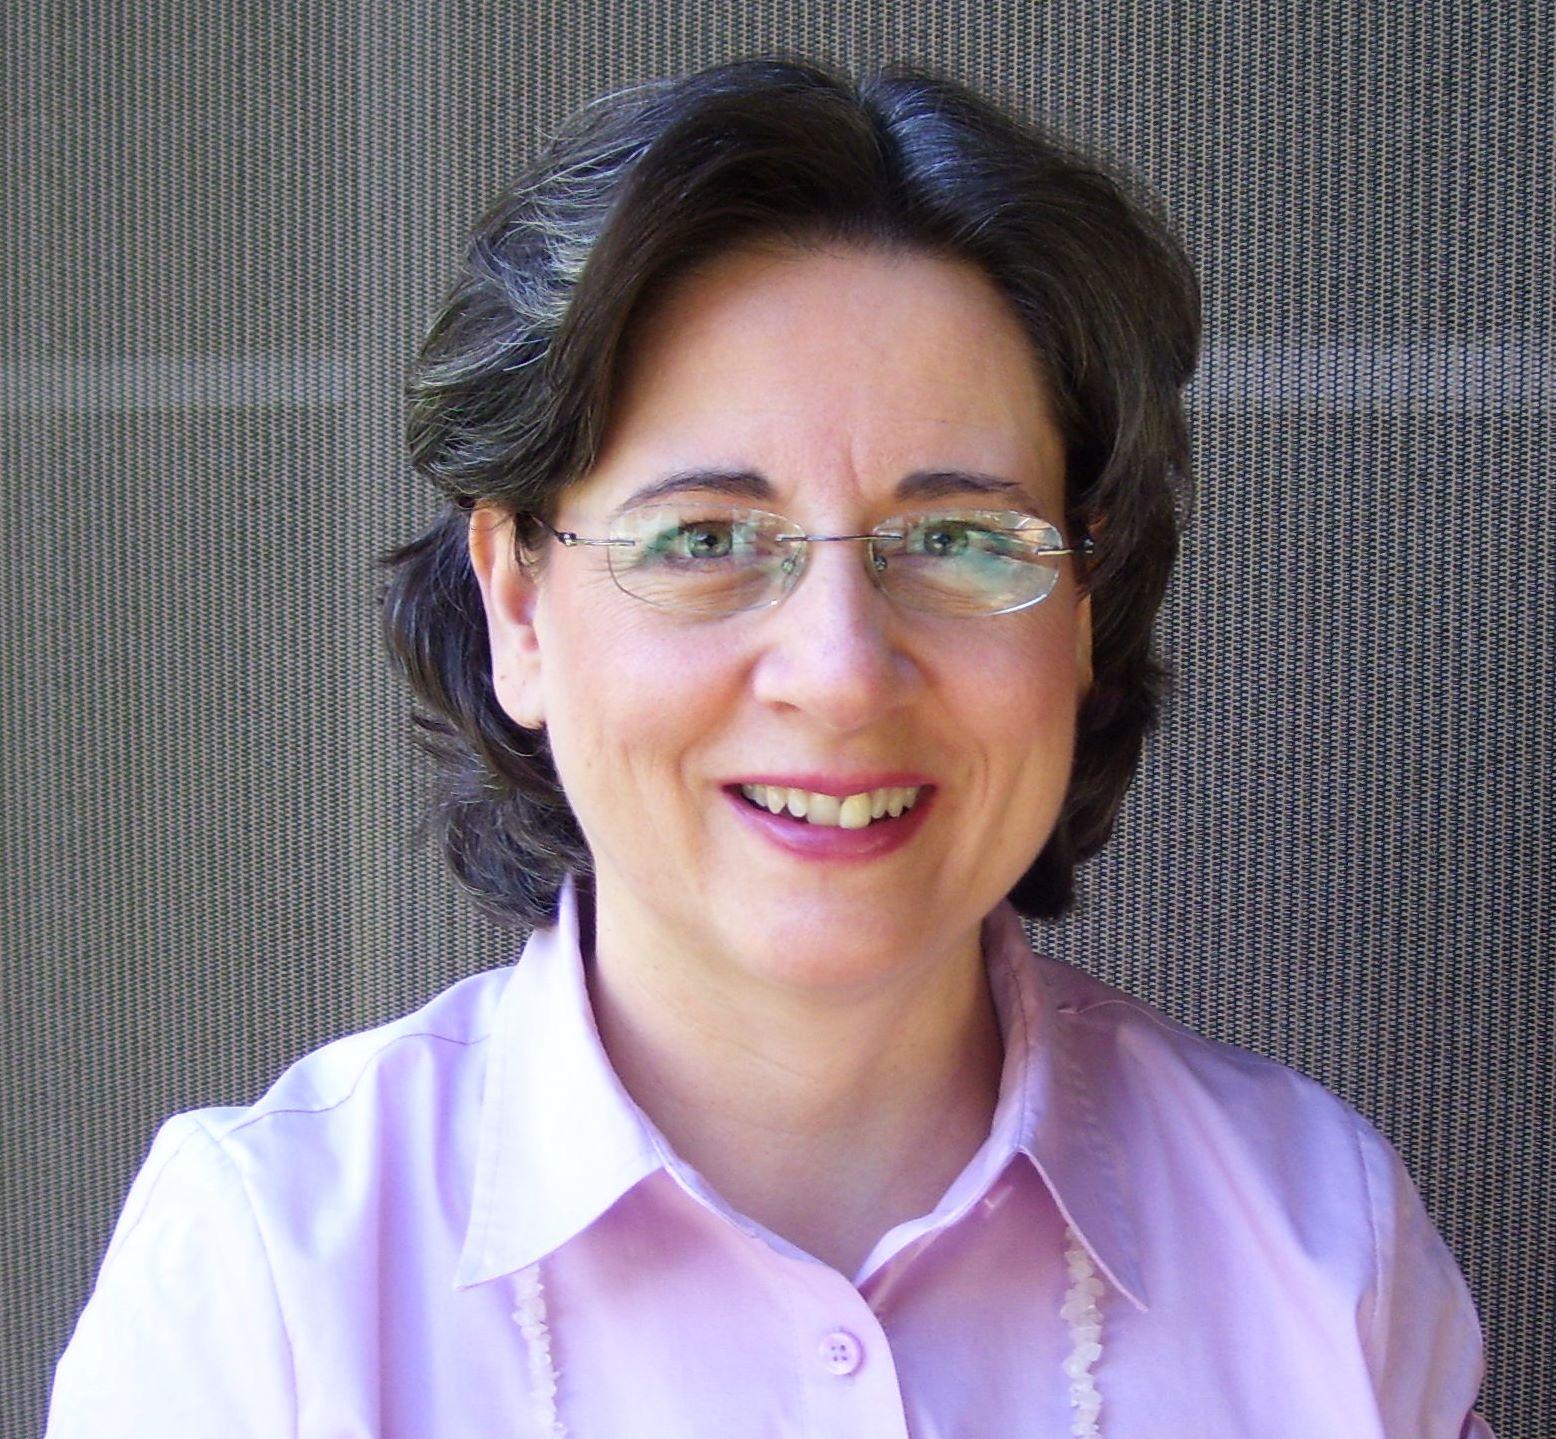 Cathleen Cline